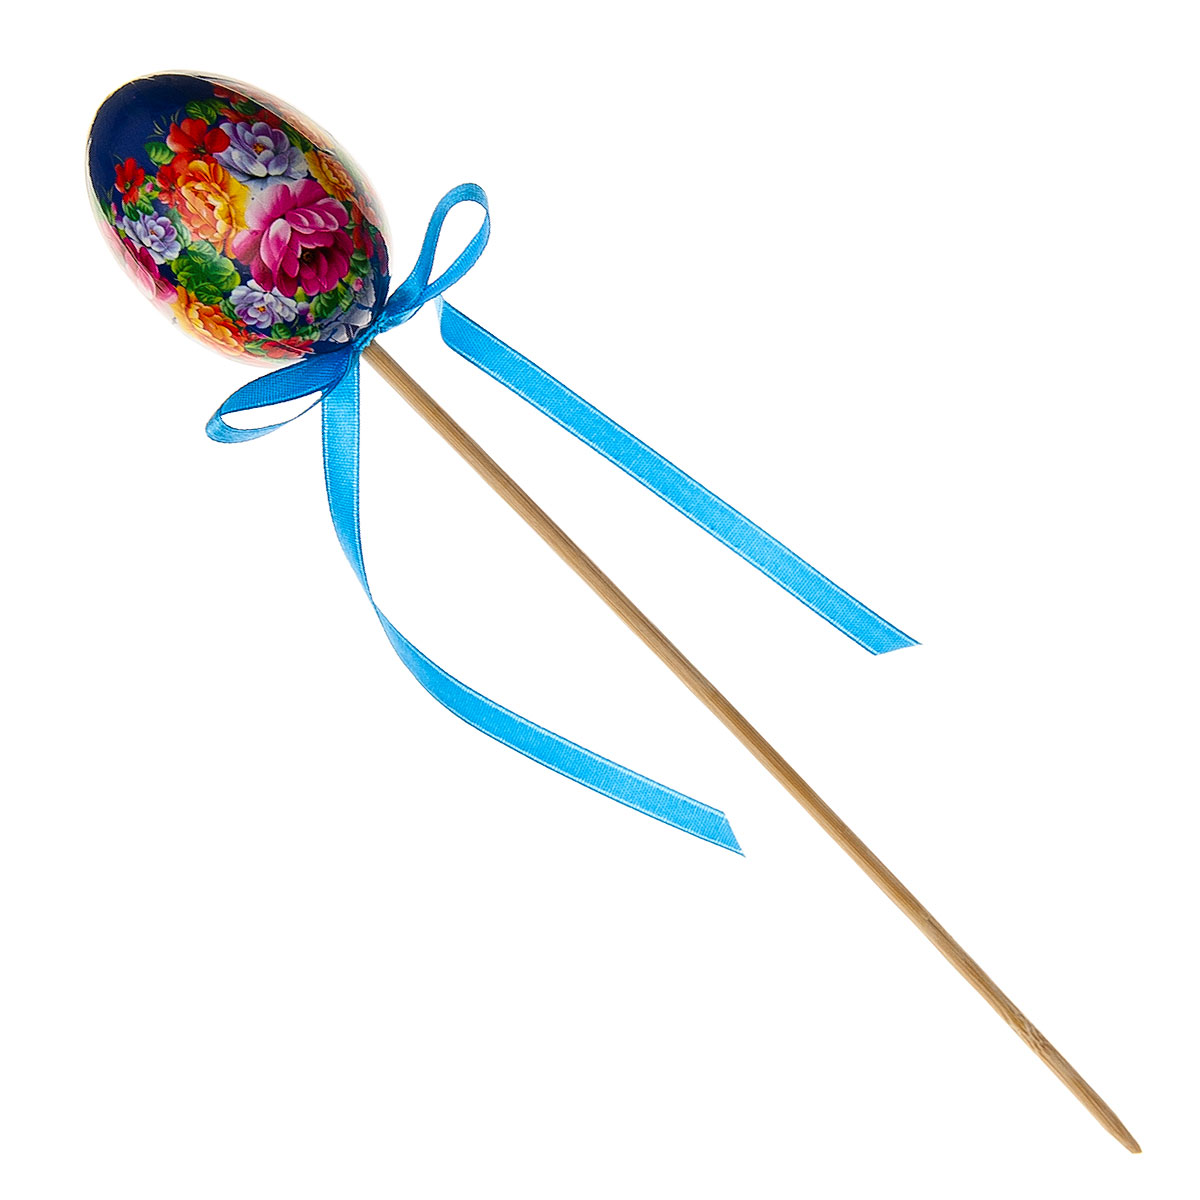 Декоративное украшение на ножке Home Queen Народное искусство, цвет: синий, высота 26 см68276_3Декоративное украшение Home Queen Народное искусство выполнено из пластика в виде пасхального яйца на деревянной ножке, декорированного цветочным орнаментом. Изделие украшено текстильной лентой. Такое украшение прекрасно дополнит подарок для друзей или близких. Высота: 26 см. Размер яйца: 6 см х 4,5 см.